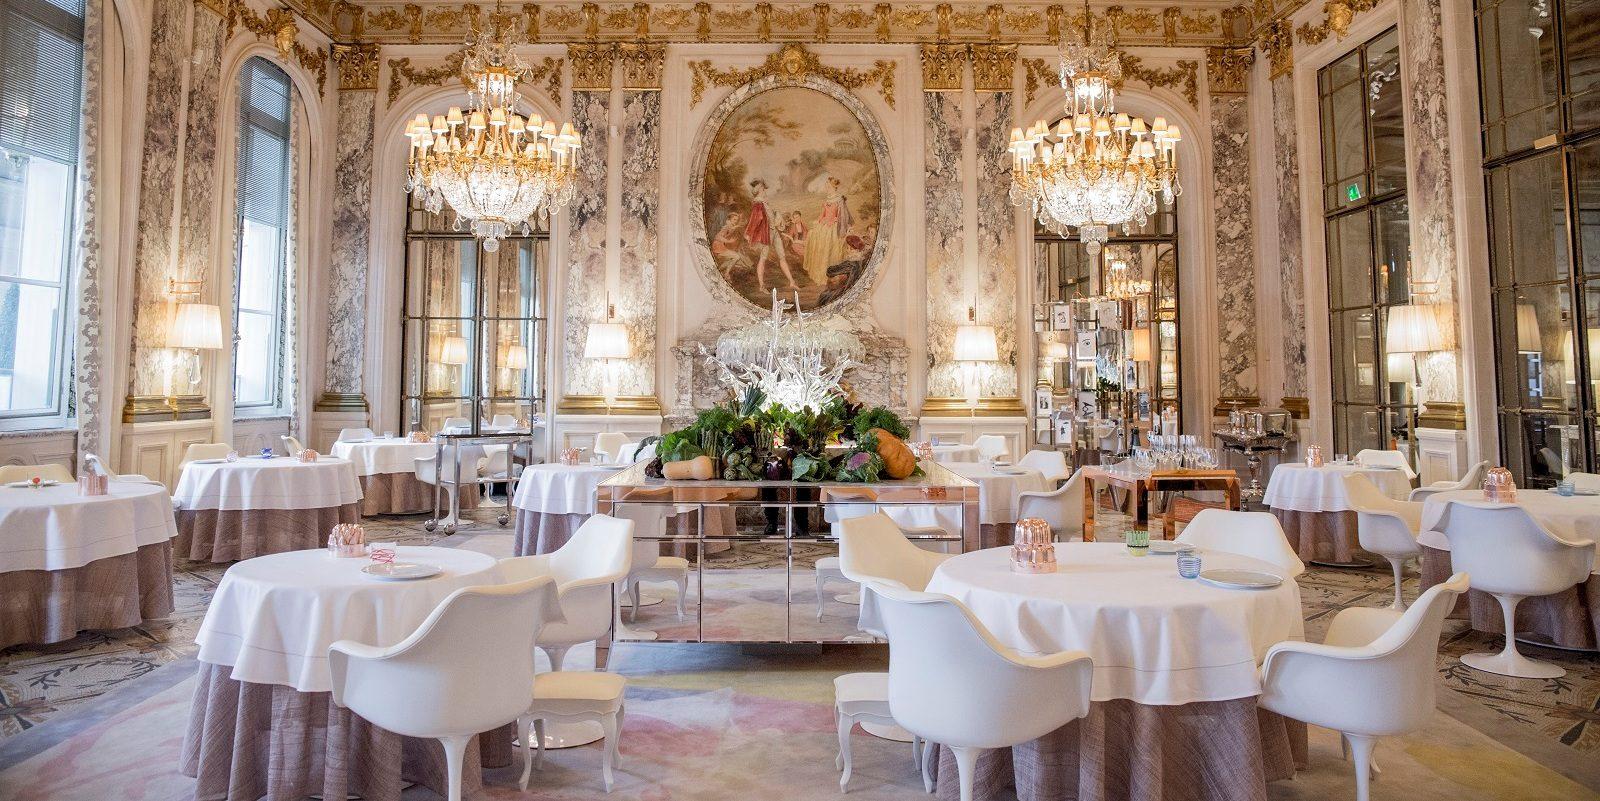 Le Meurice Alain Ducasse restaurant